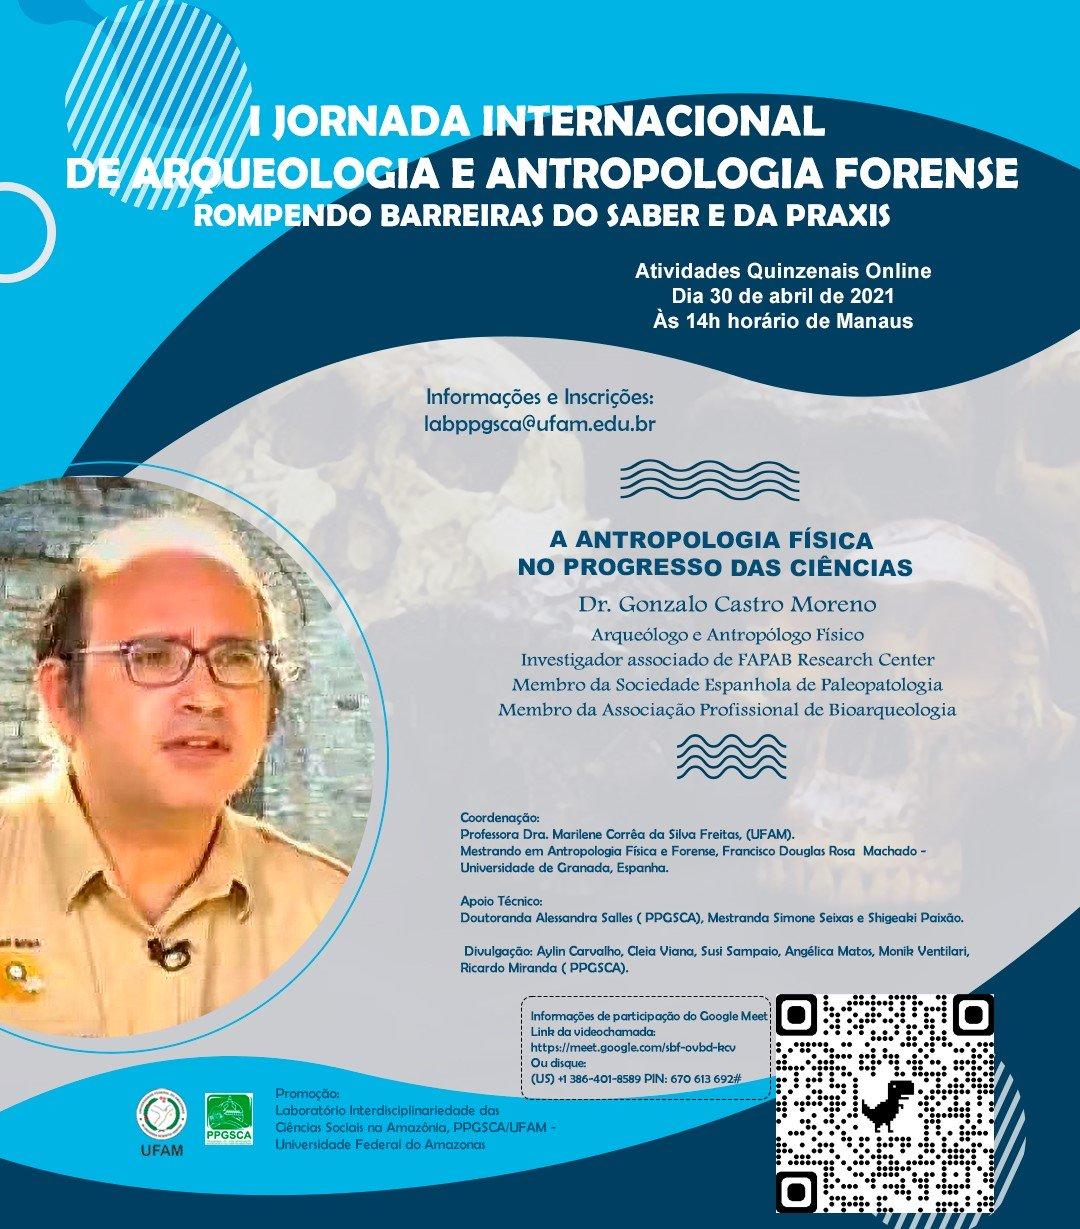 I JORNADA INTERNACIONAL DE ARQUEOLOGIA E ANTROPOLOGIA FORENSE